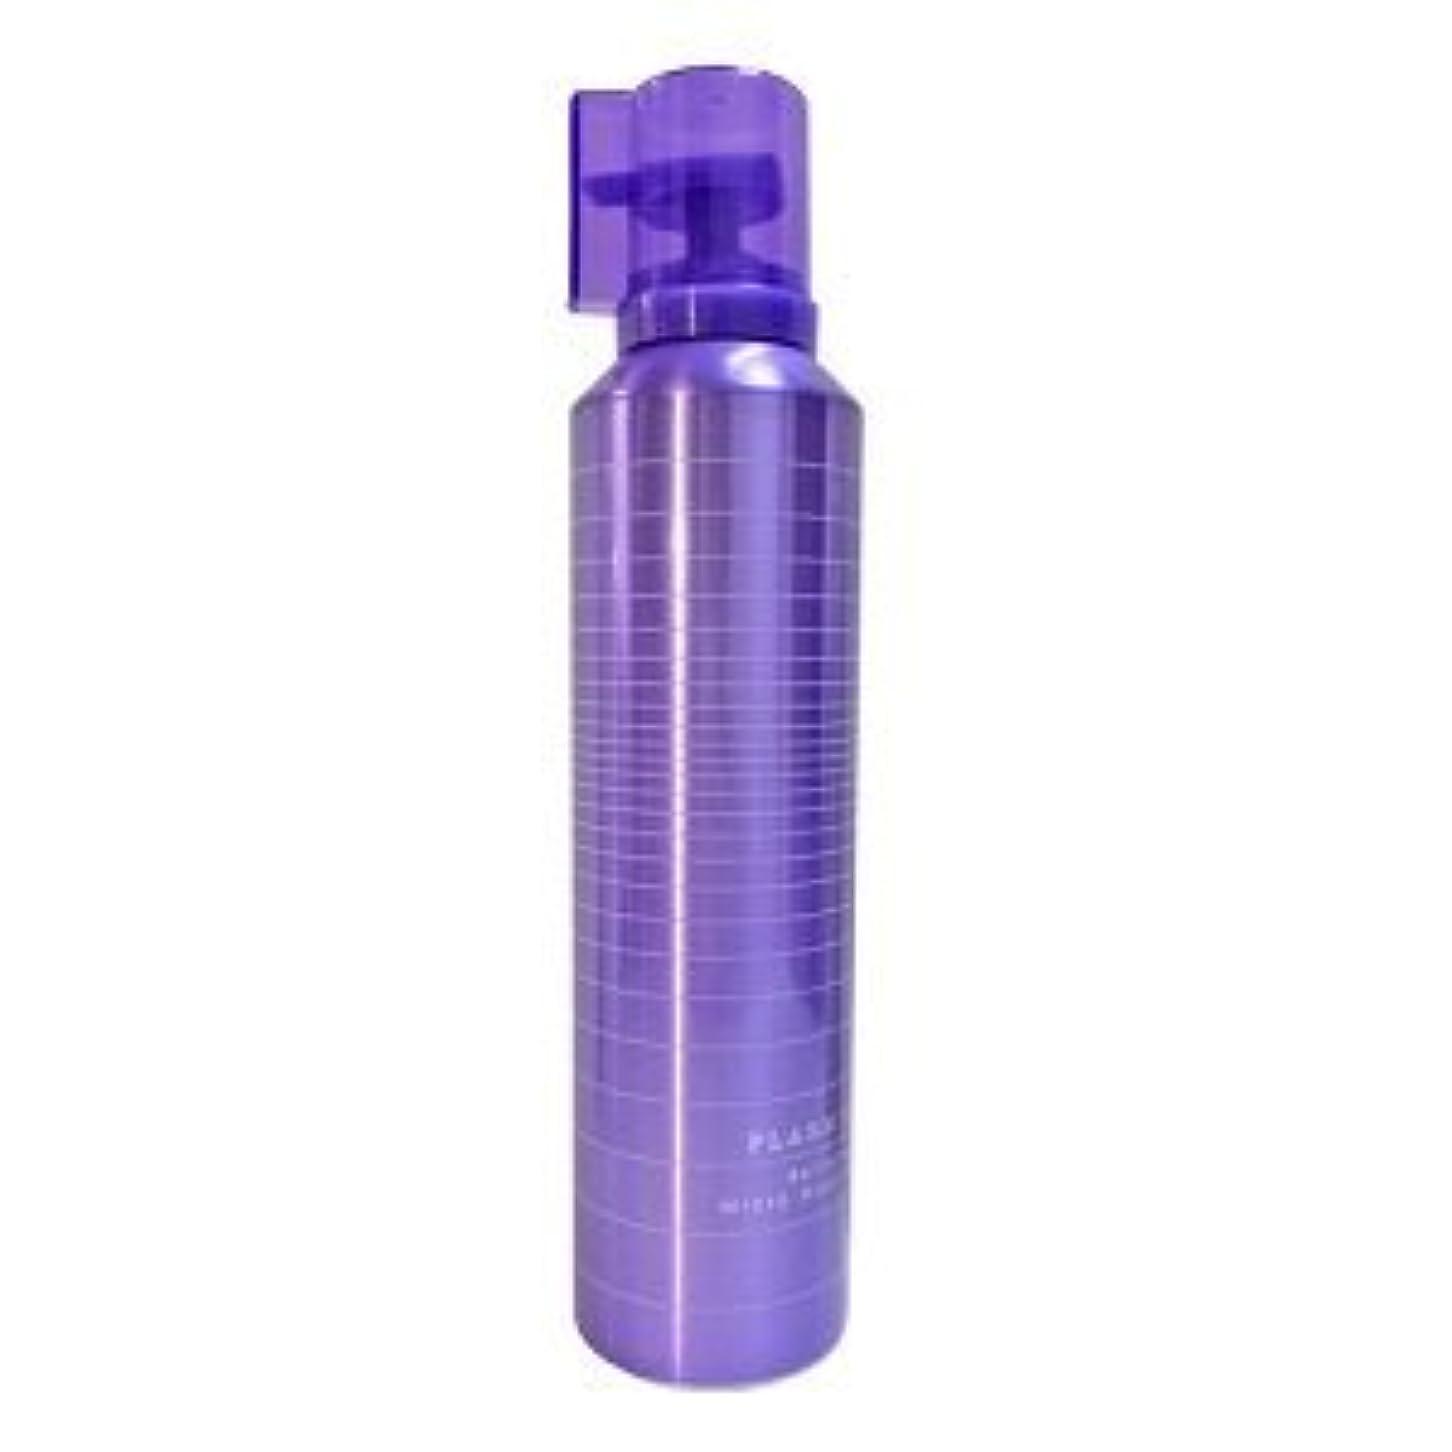 水を飲む離婚かすれたミルボン プラーミア リファイニング マイクロムース (頭皮用トリートメント) 320g